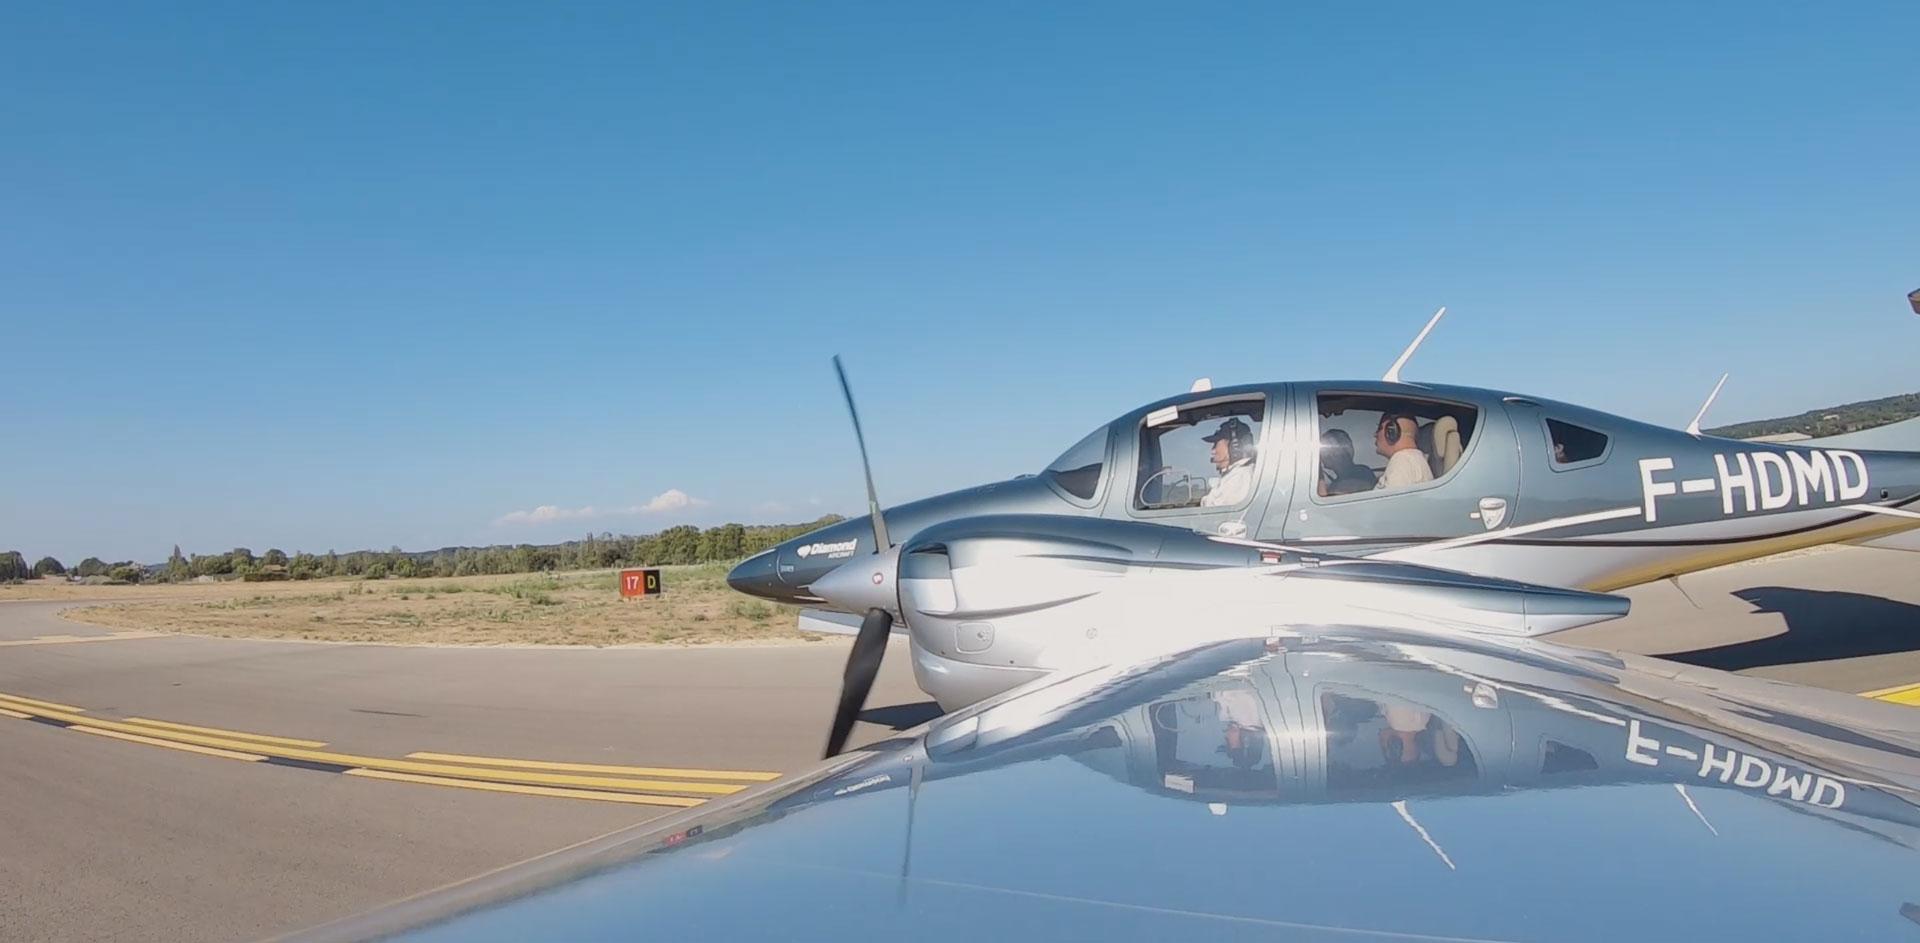 Le DA62 en vol - Tournage de l'émission « Auto Mobile» avec ATA by Pelletier